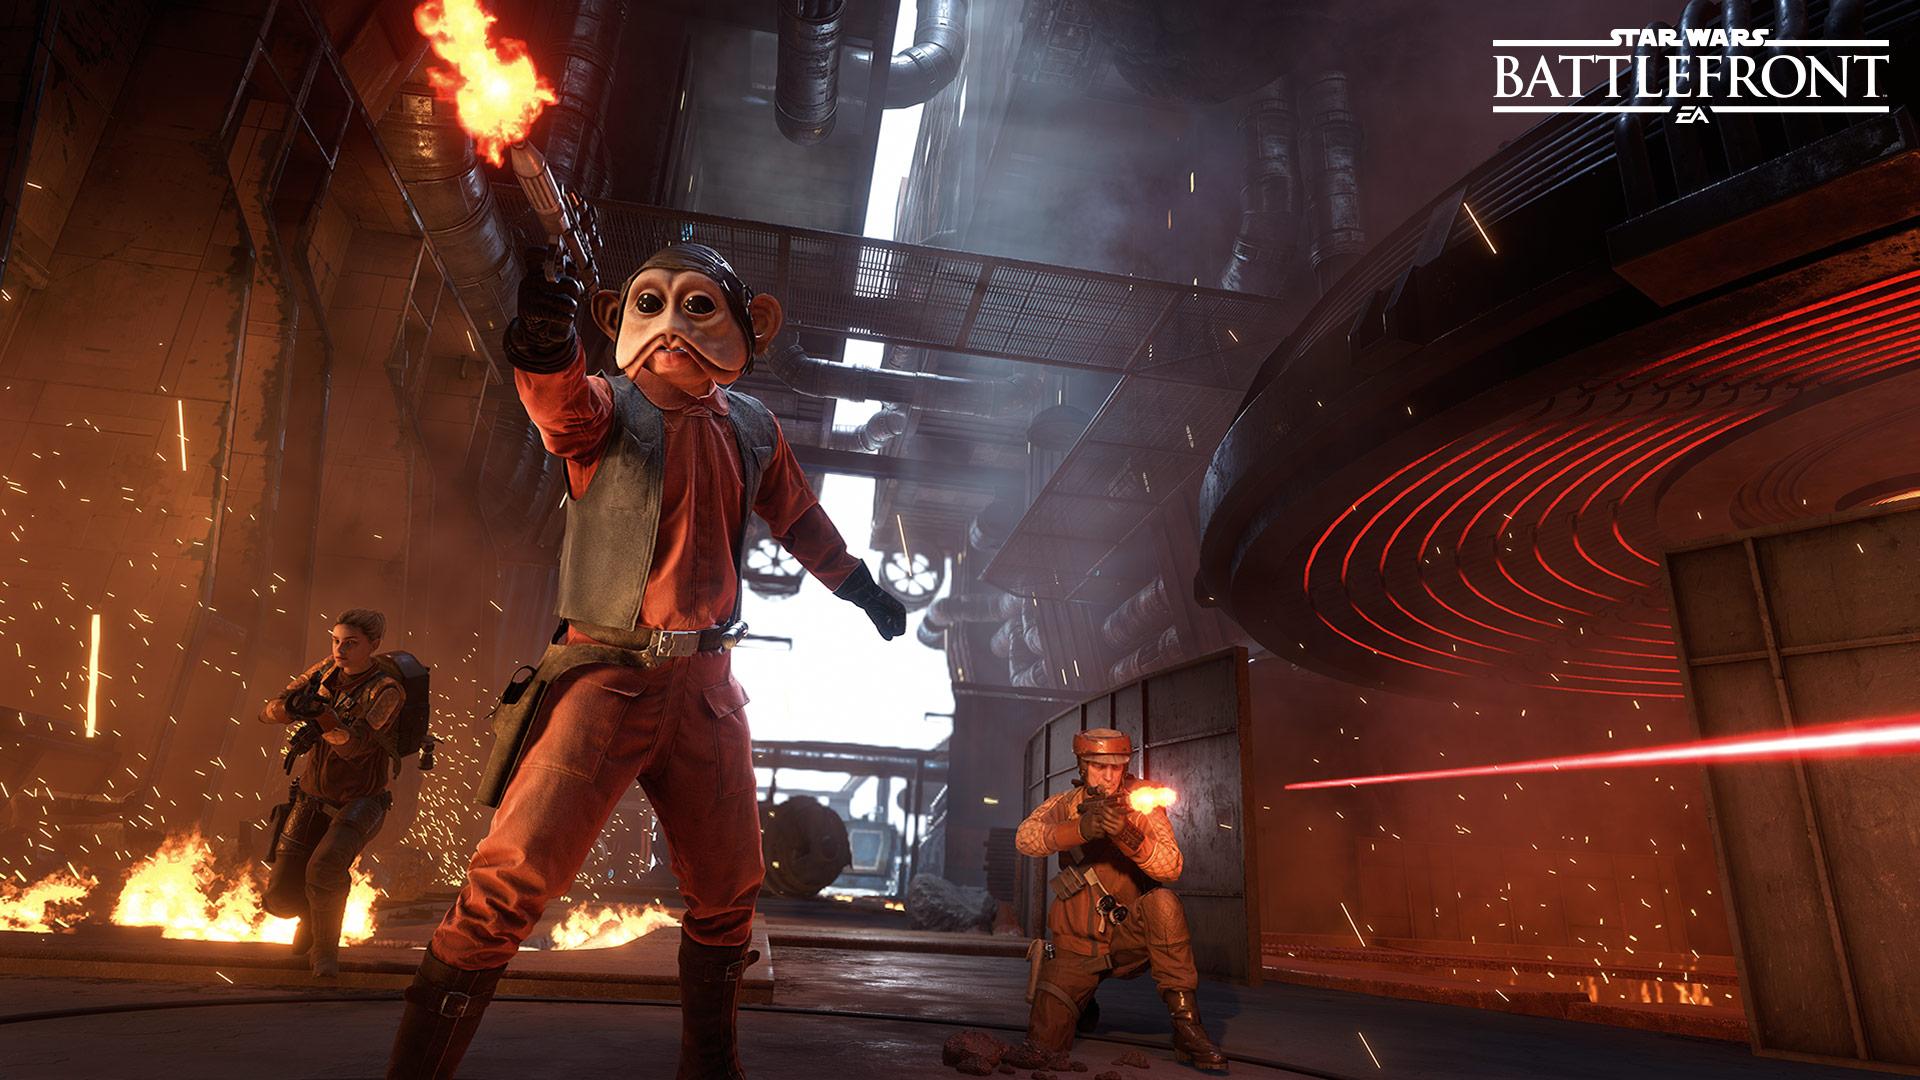 """Star Wars Battlefront: DLC """"Outer Rim"""" kostenlos testen – auf PC, PS4, Xbox One"""